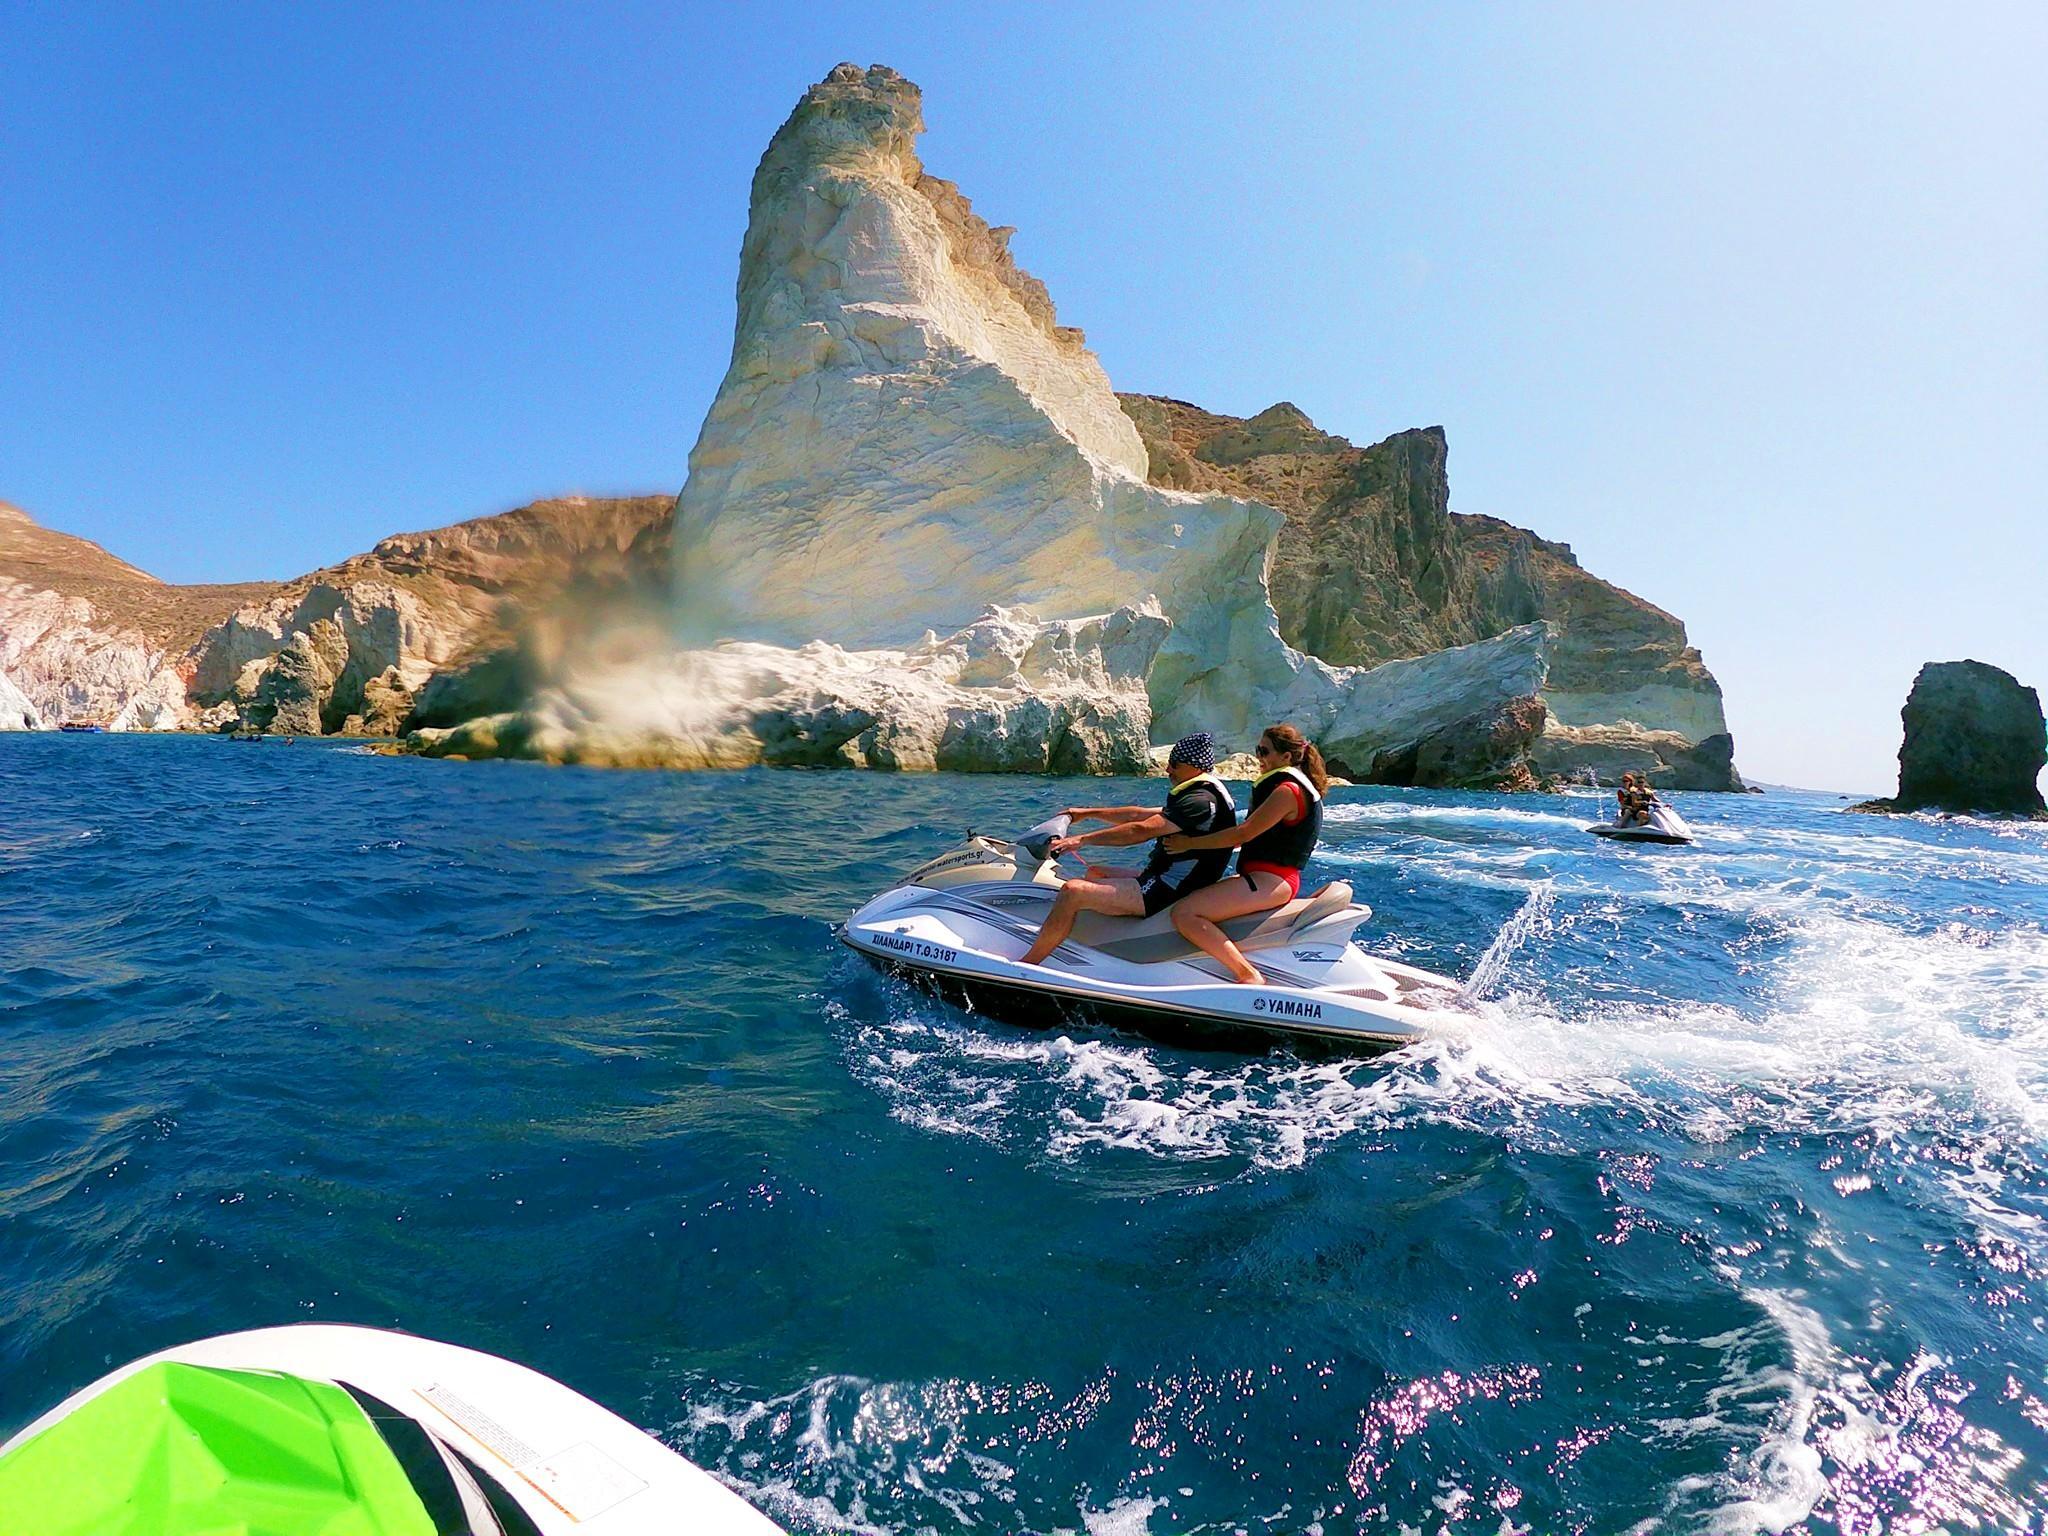 Randonnée en jet ski le long de la côte sud de Santorin